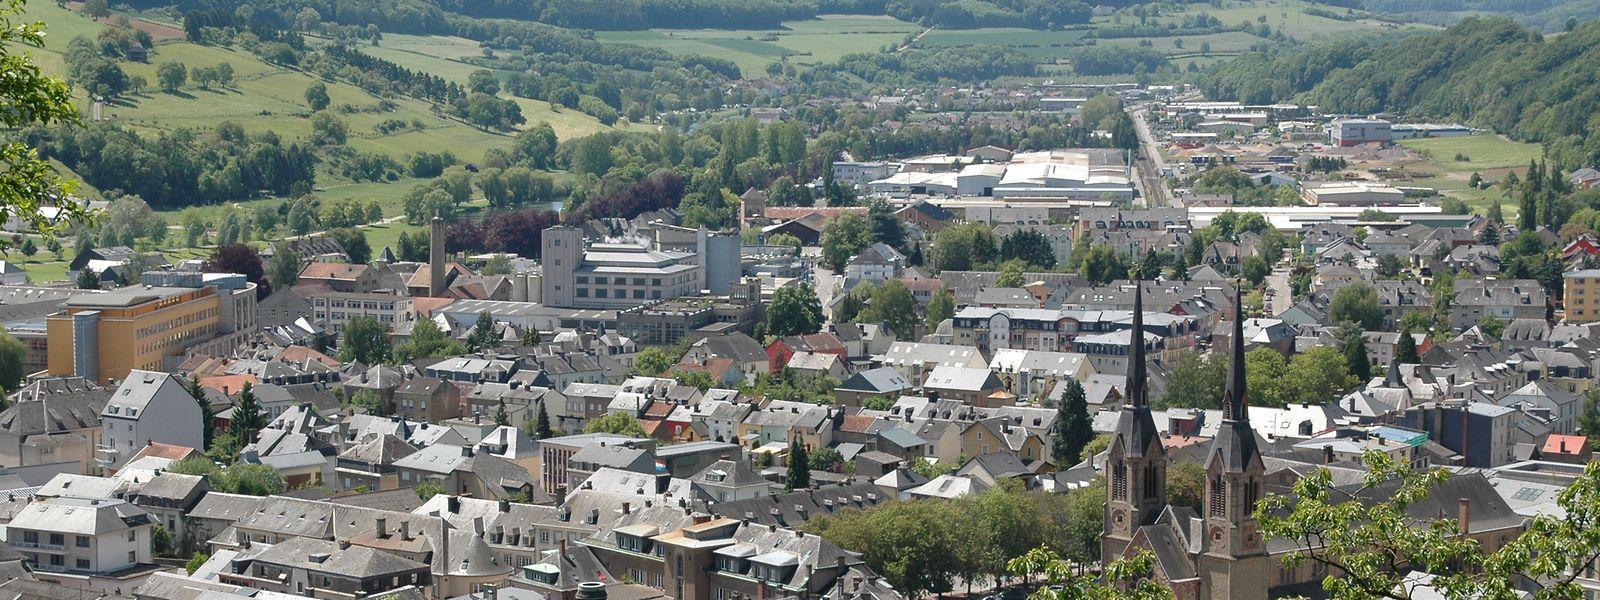 Der PAG der Gemeinde Diekirch ist seit Längerem Gegenstand einer juristischen Auseinandersetzung.